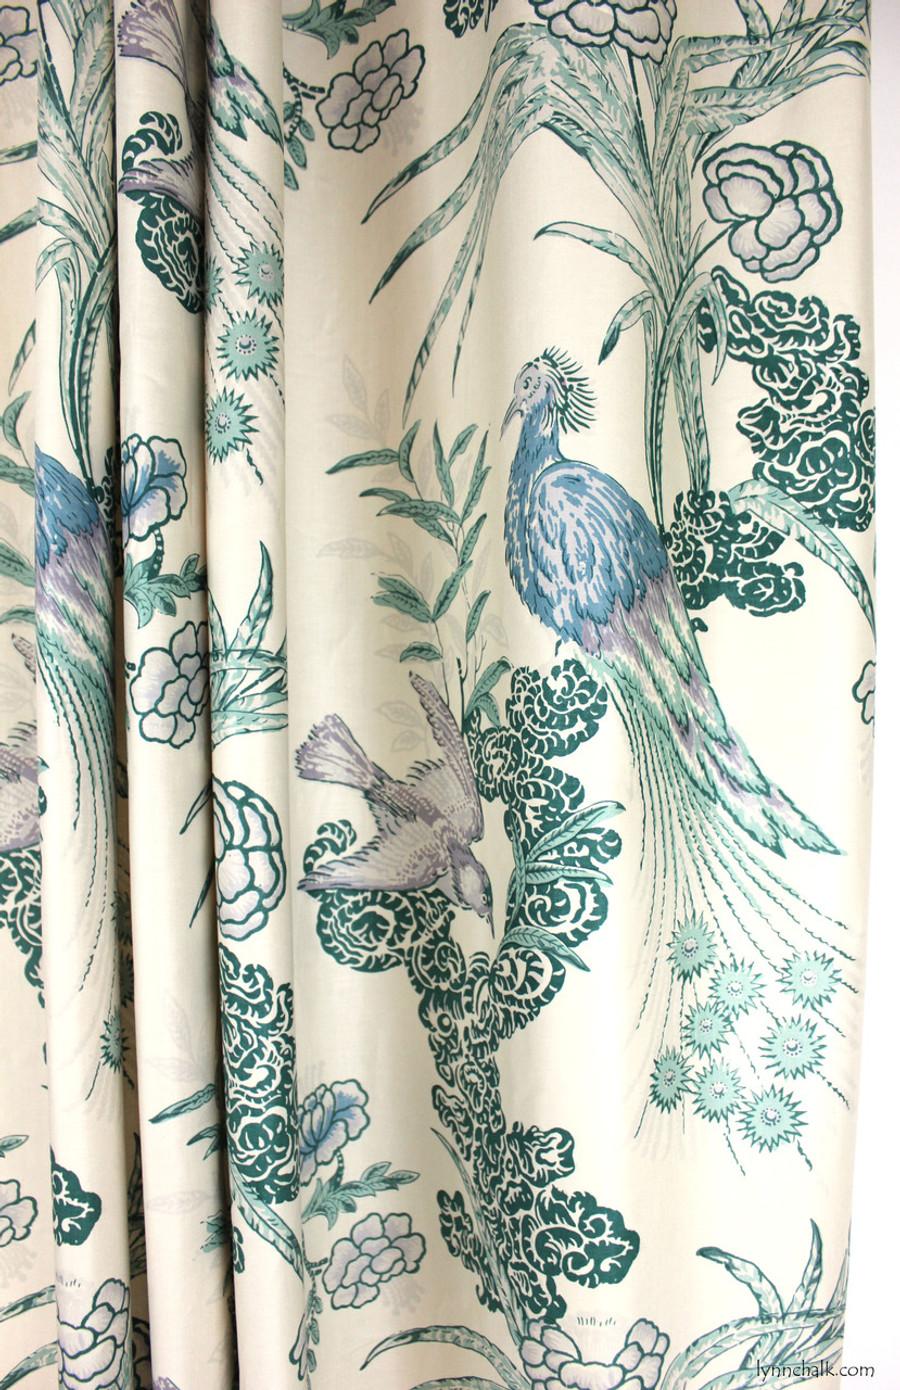 Custom Drapes in Miles Redd Peacock in Cream